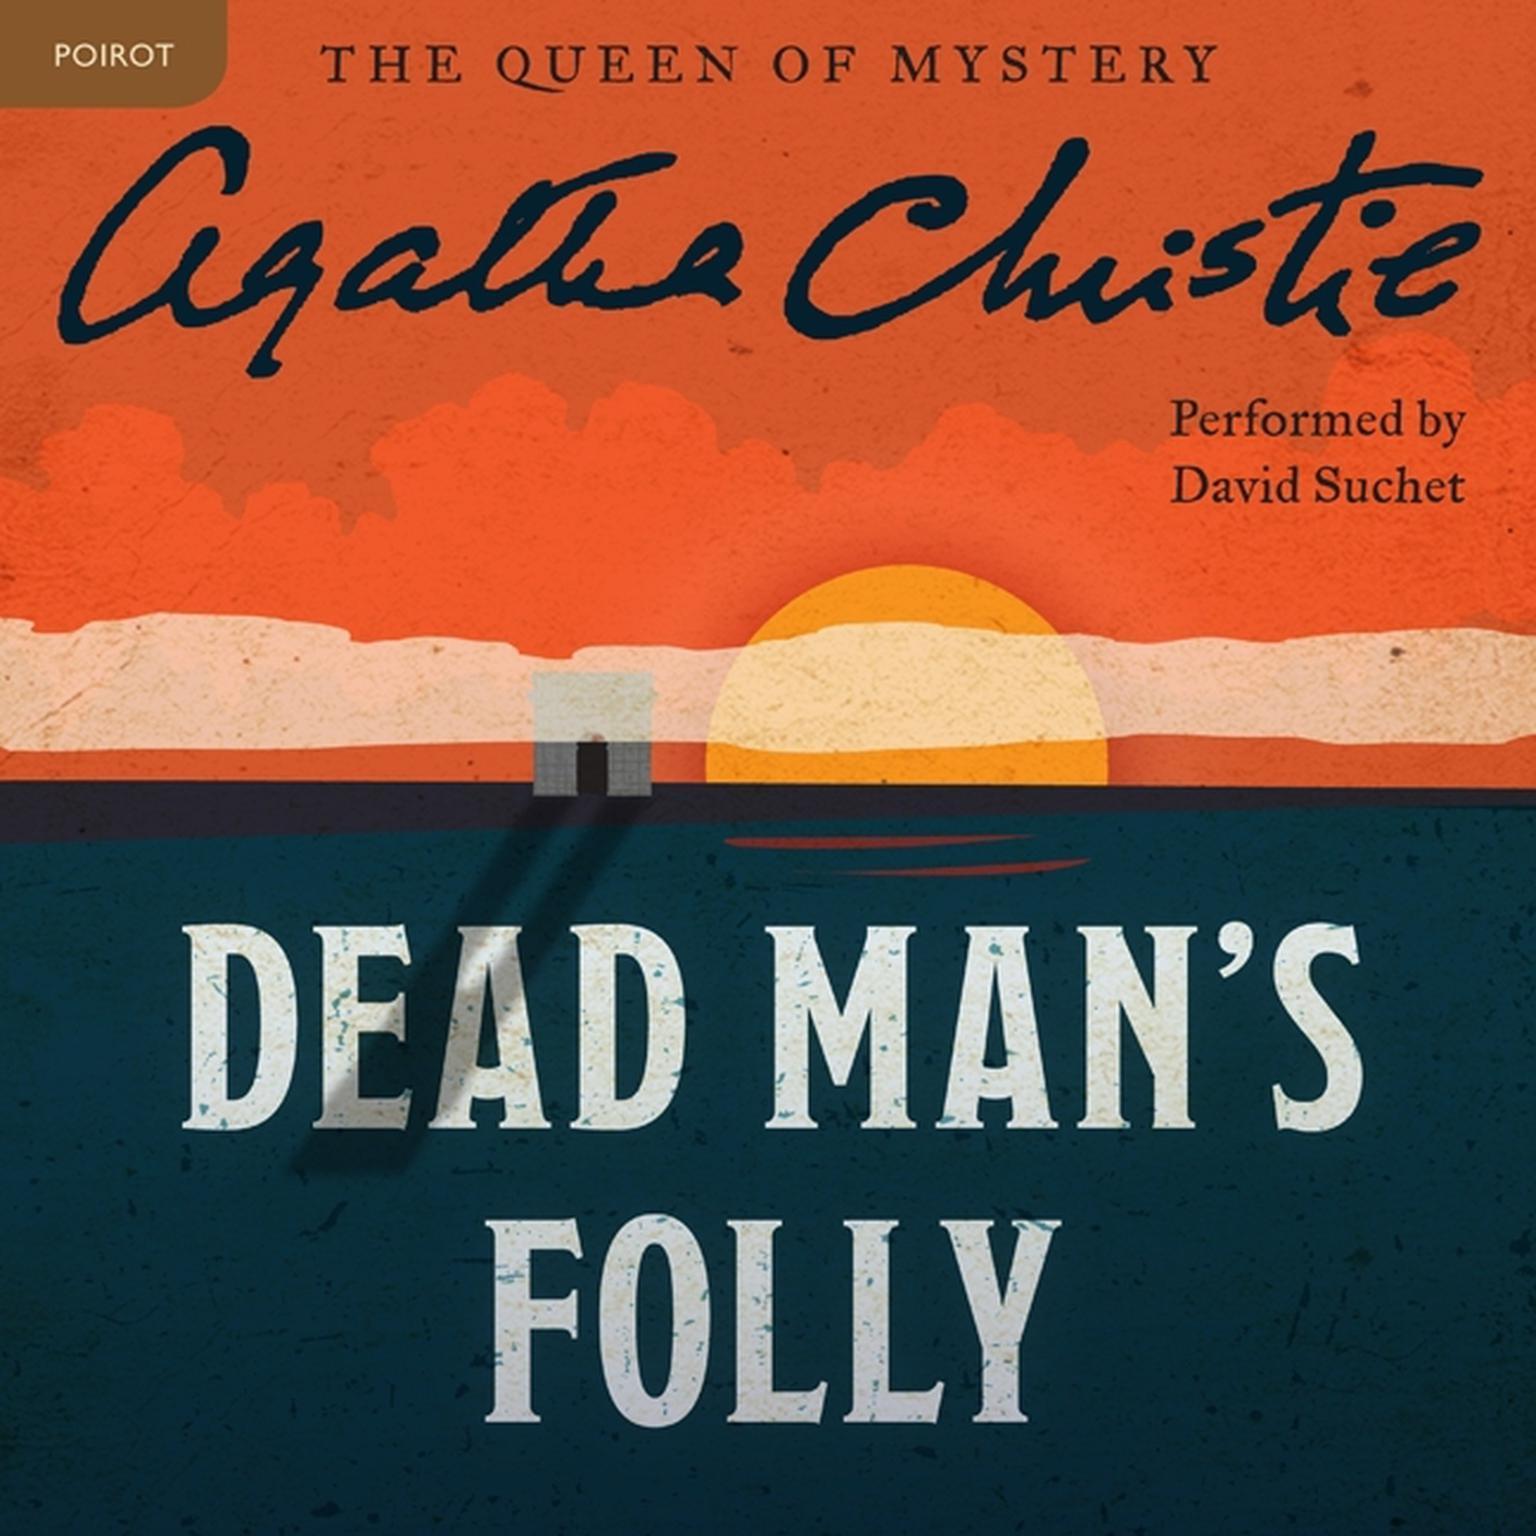 Dead Mans Folly: A Hercule Poirot Mystery Audiobook, by Agatha Christie